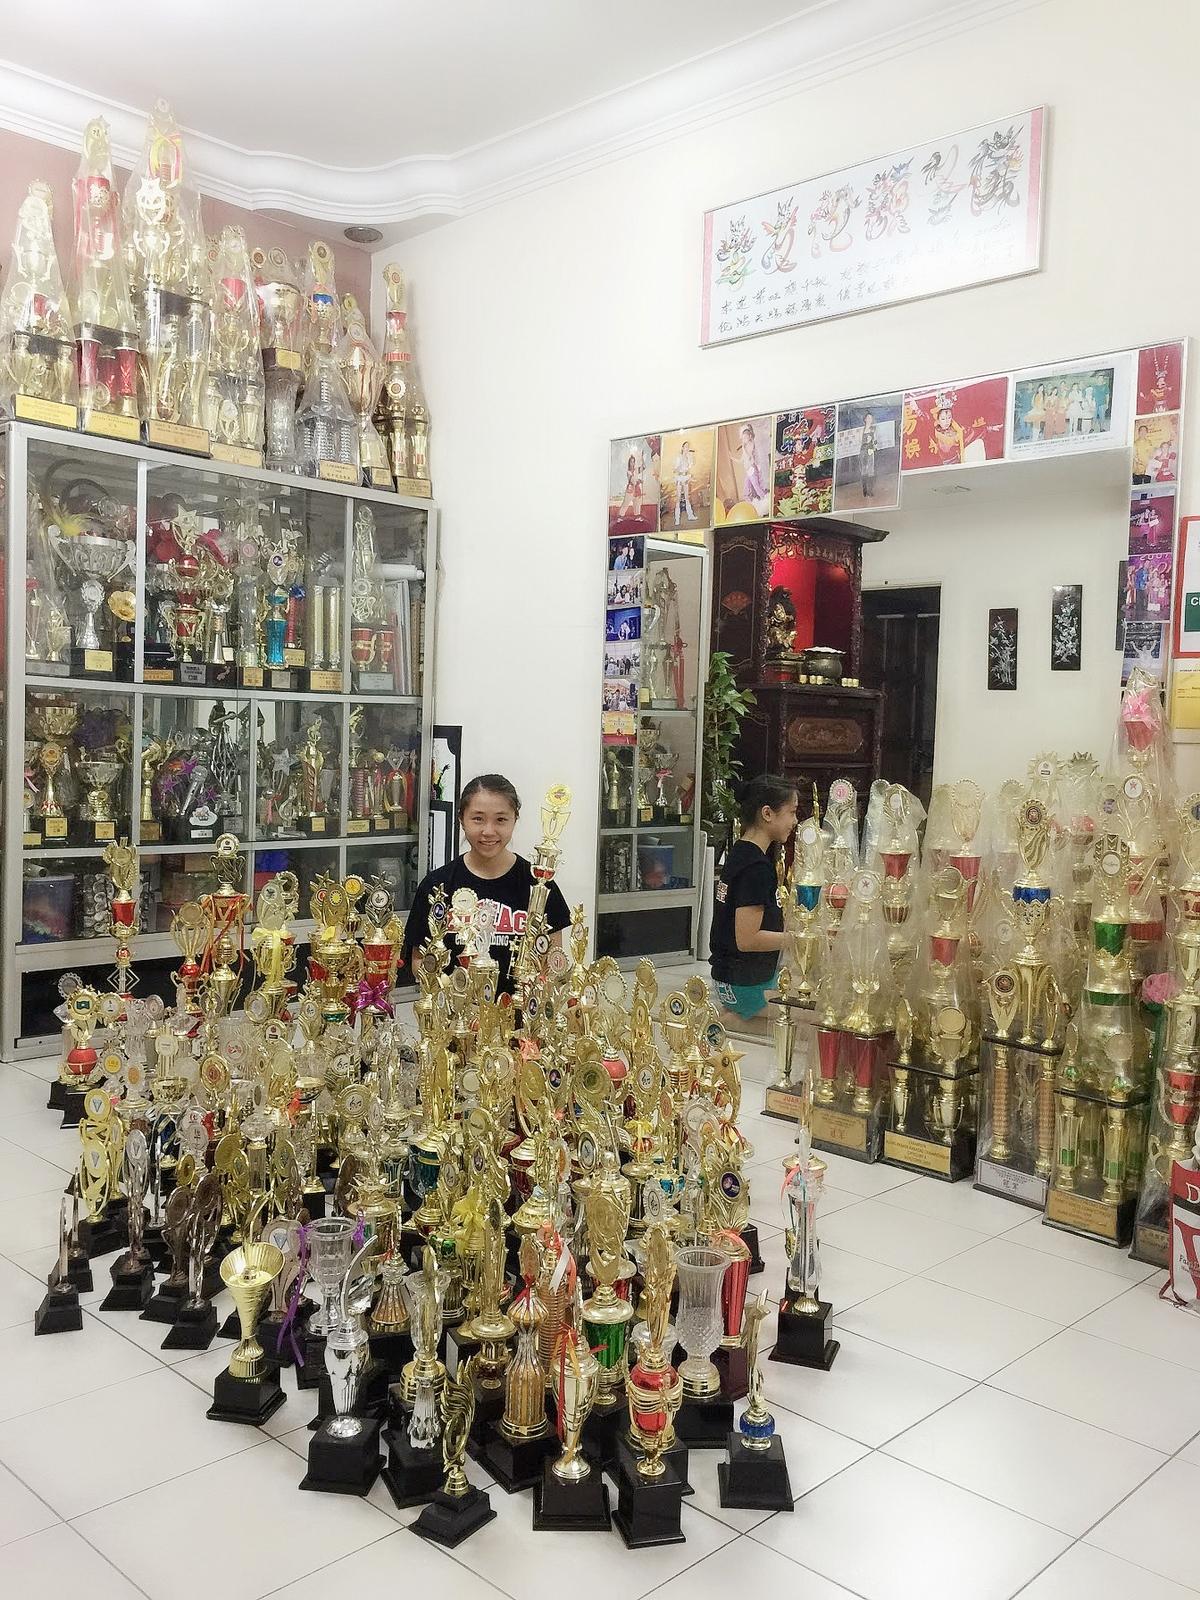 聲林冠軍李艾薇當老蕭師妹 160座冠軍獎座超狂!